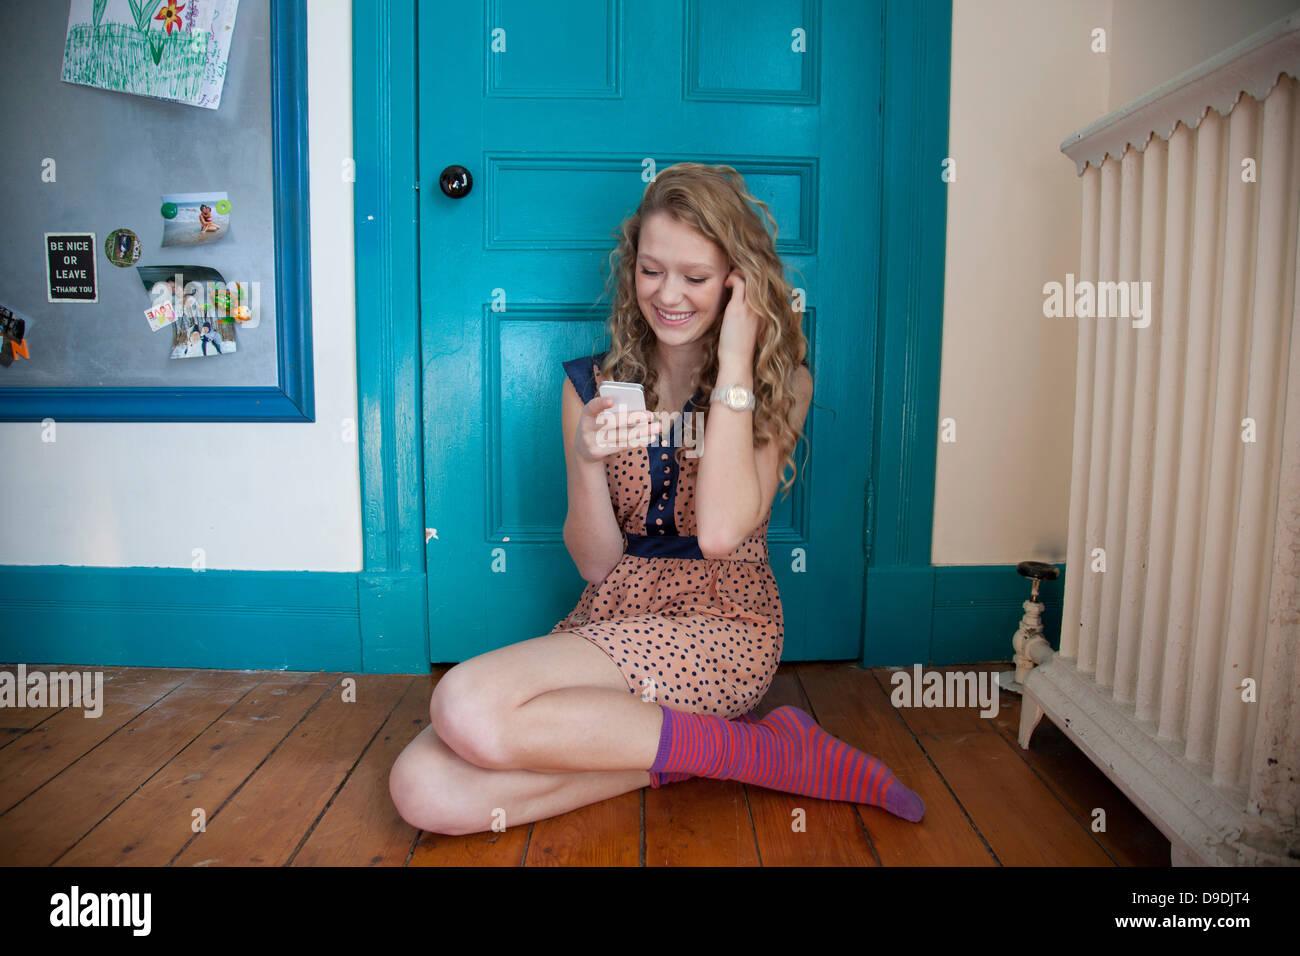 Adolescente sentado delante de la puerta azul, mediante teléfono móvil Imagen De Stock